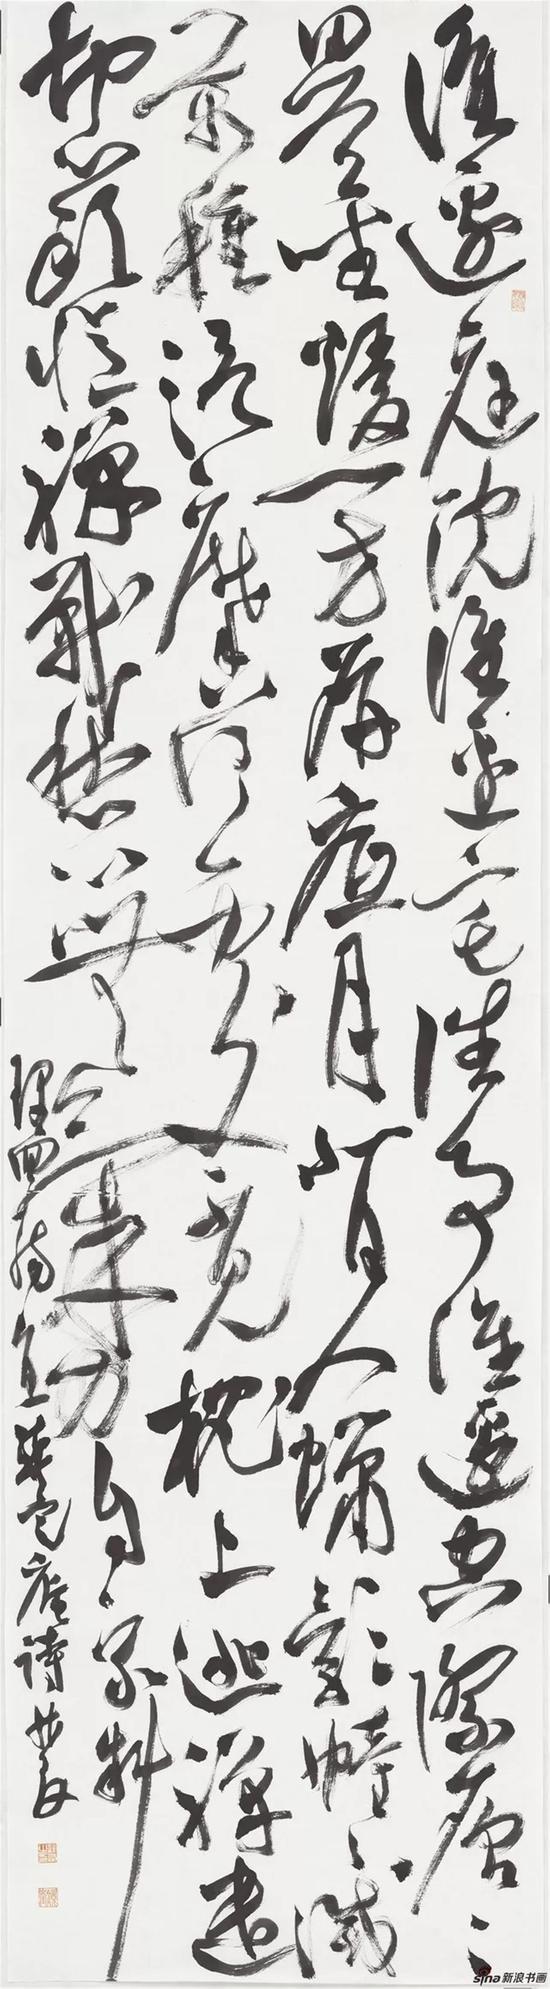 龚定庵词一首,草书,纸本,180×49cm,2018年